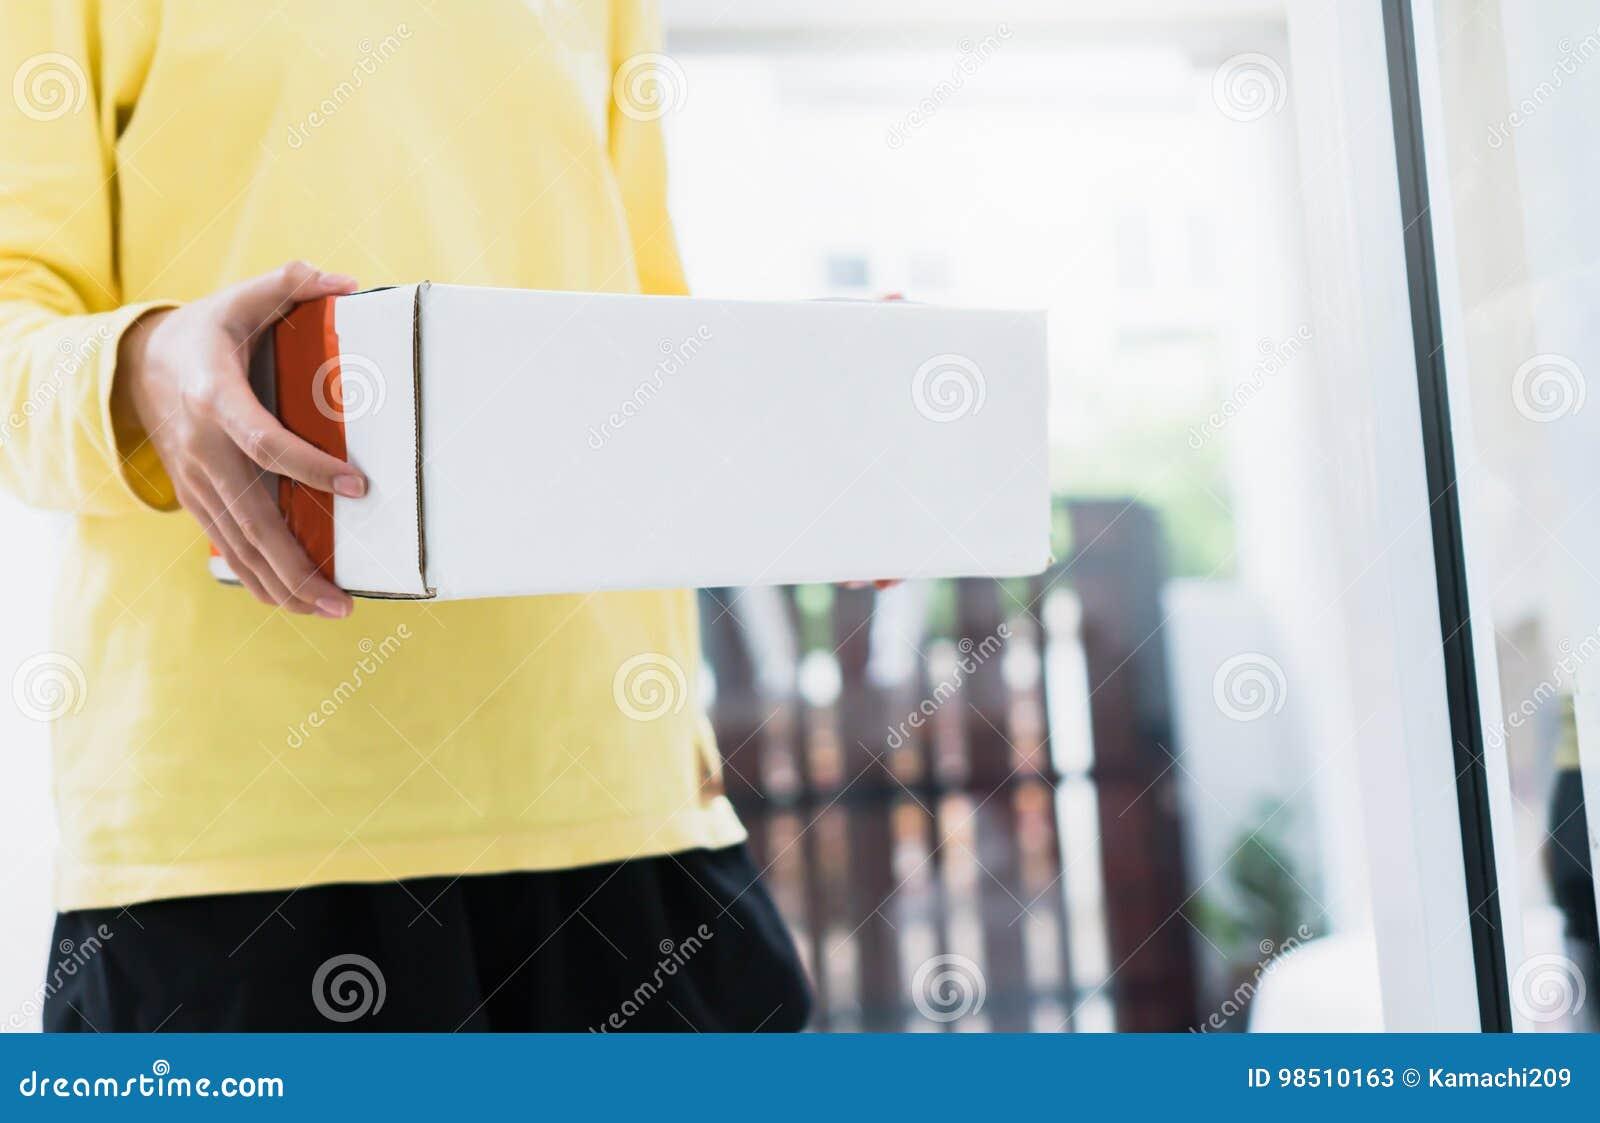 Angestellte halten ein Paket im Auto, um zu senden dem Kunden On-line-Einrichtung zum Vorteil der Kunden